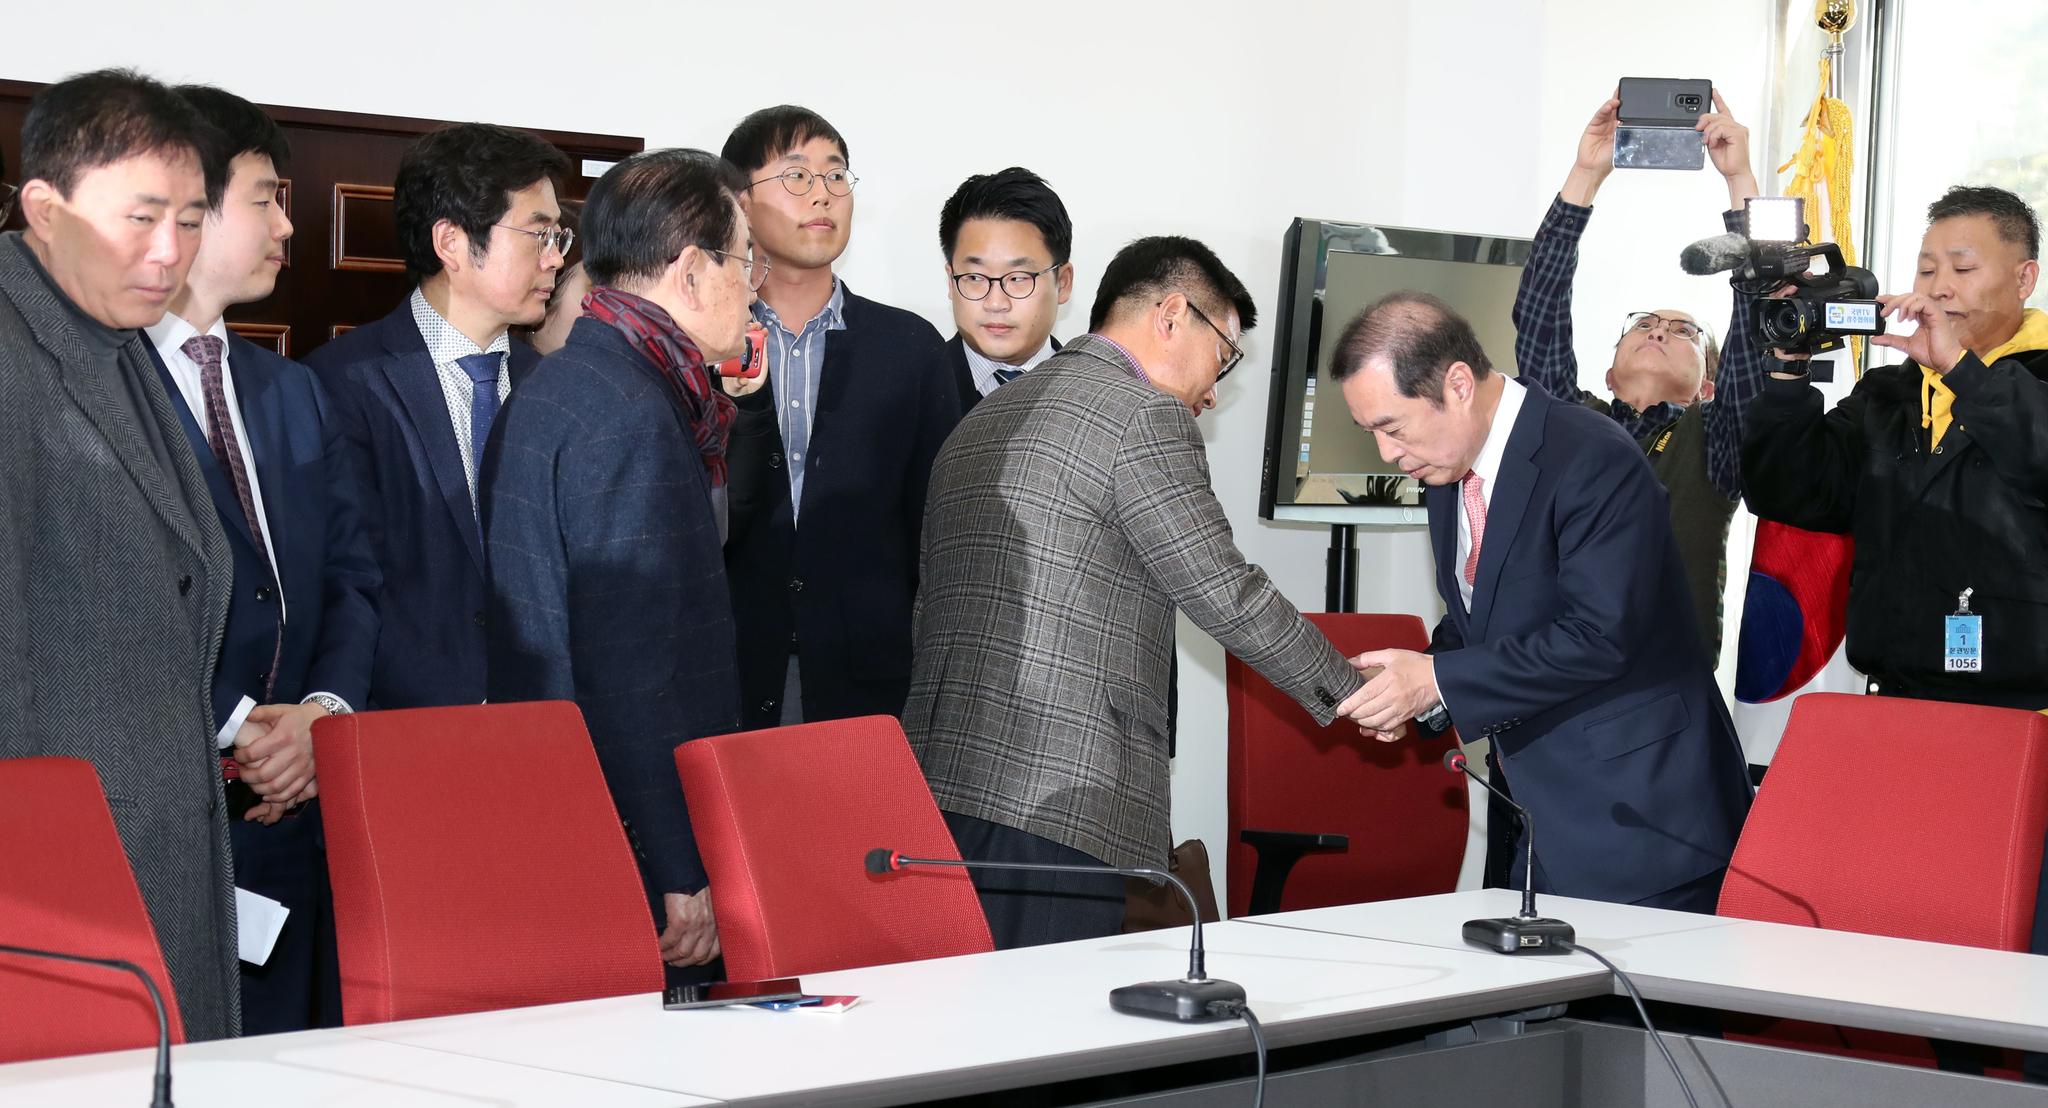 김병준 자유한국당 비상대책위원장(오른쪽 셋째)이 13일 오후 국회 비대위원장실에서 5.18 관련 단체 및 시민단체 대표단과 면담했다. 김 위원장이 대표들과 인사하고 있다.변선구 기자